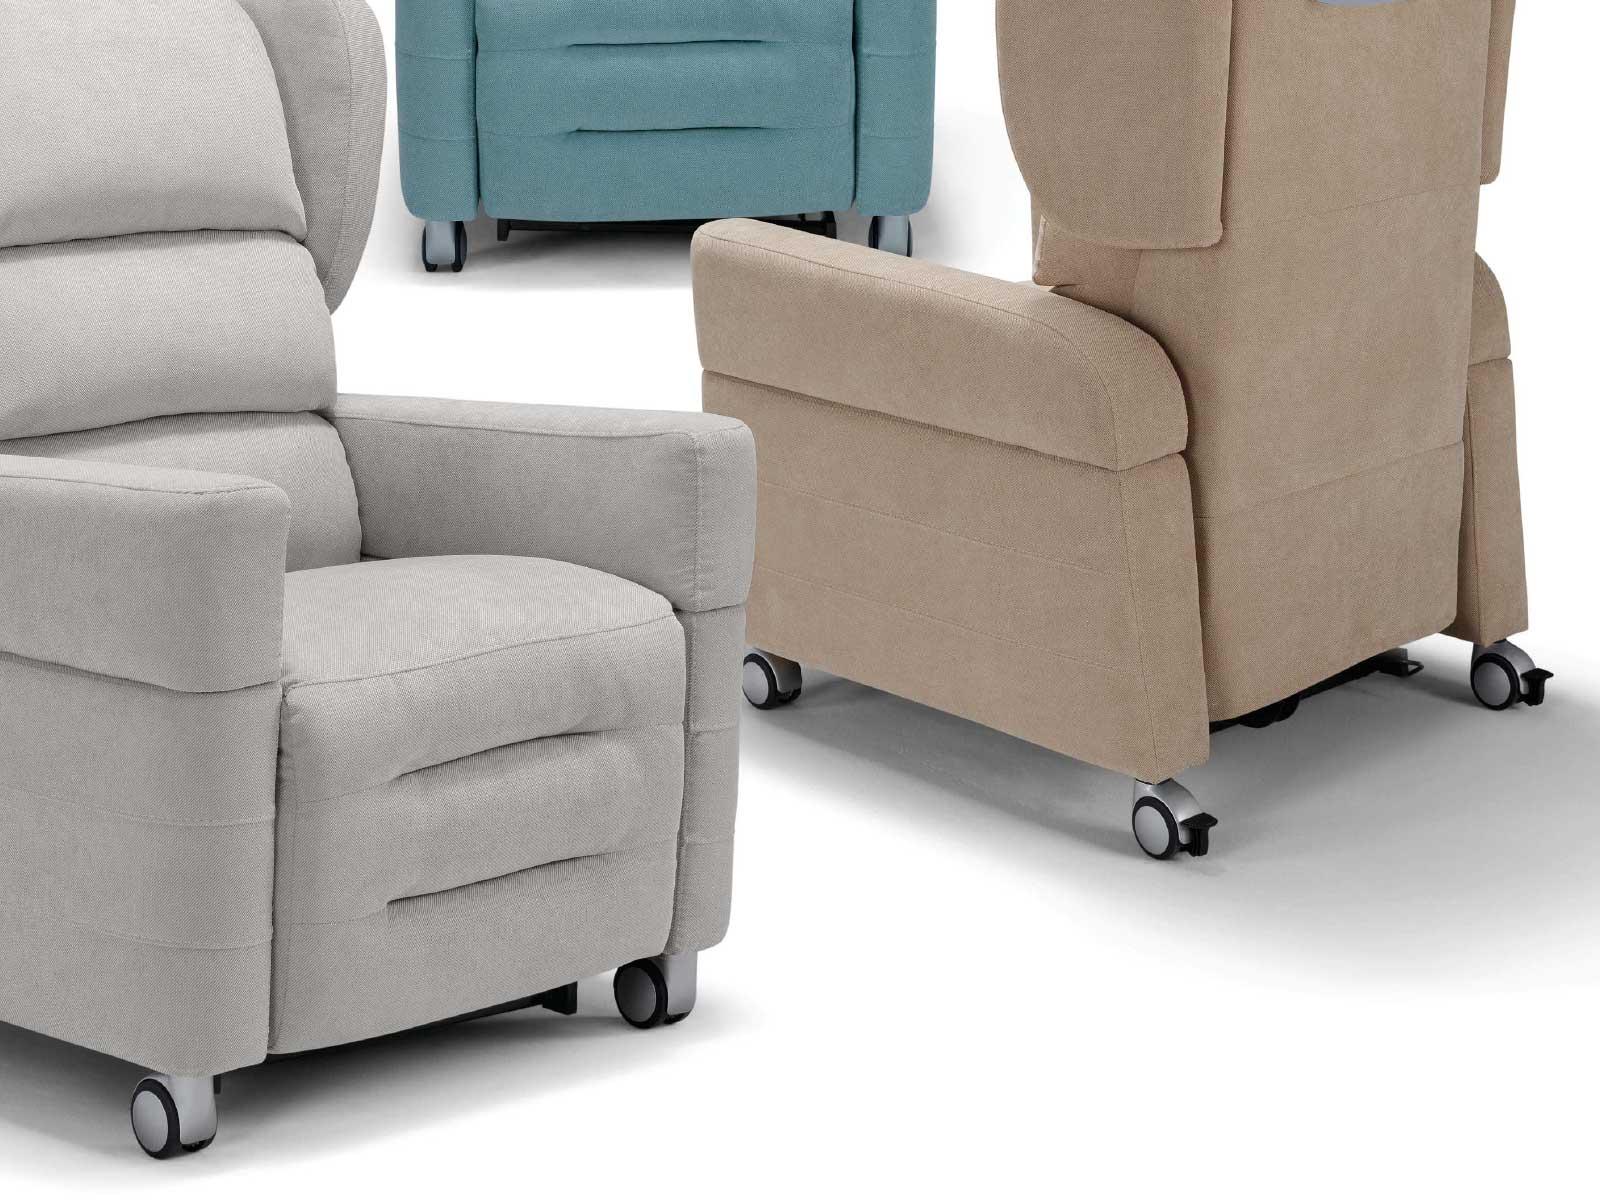 Poltrone Per Disabili Con Ruote.Poltrona Per Disabili Con Ruote Elevabile A 4 Motori